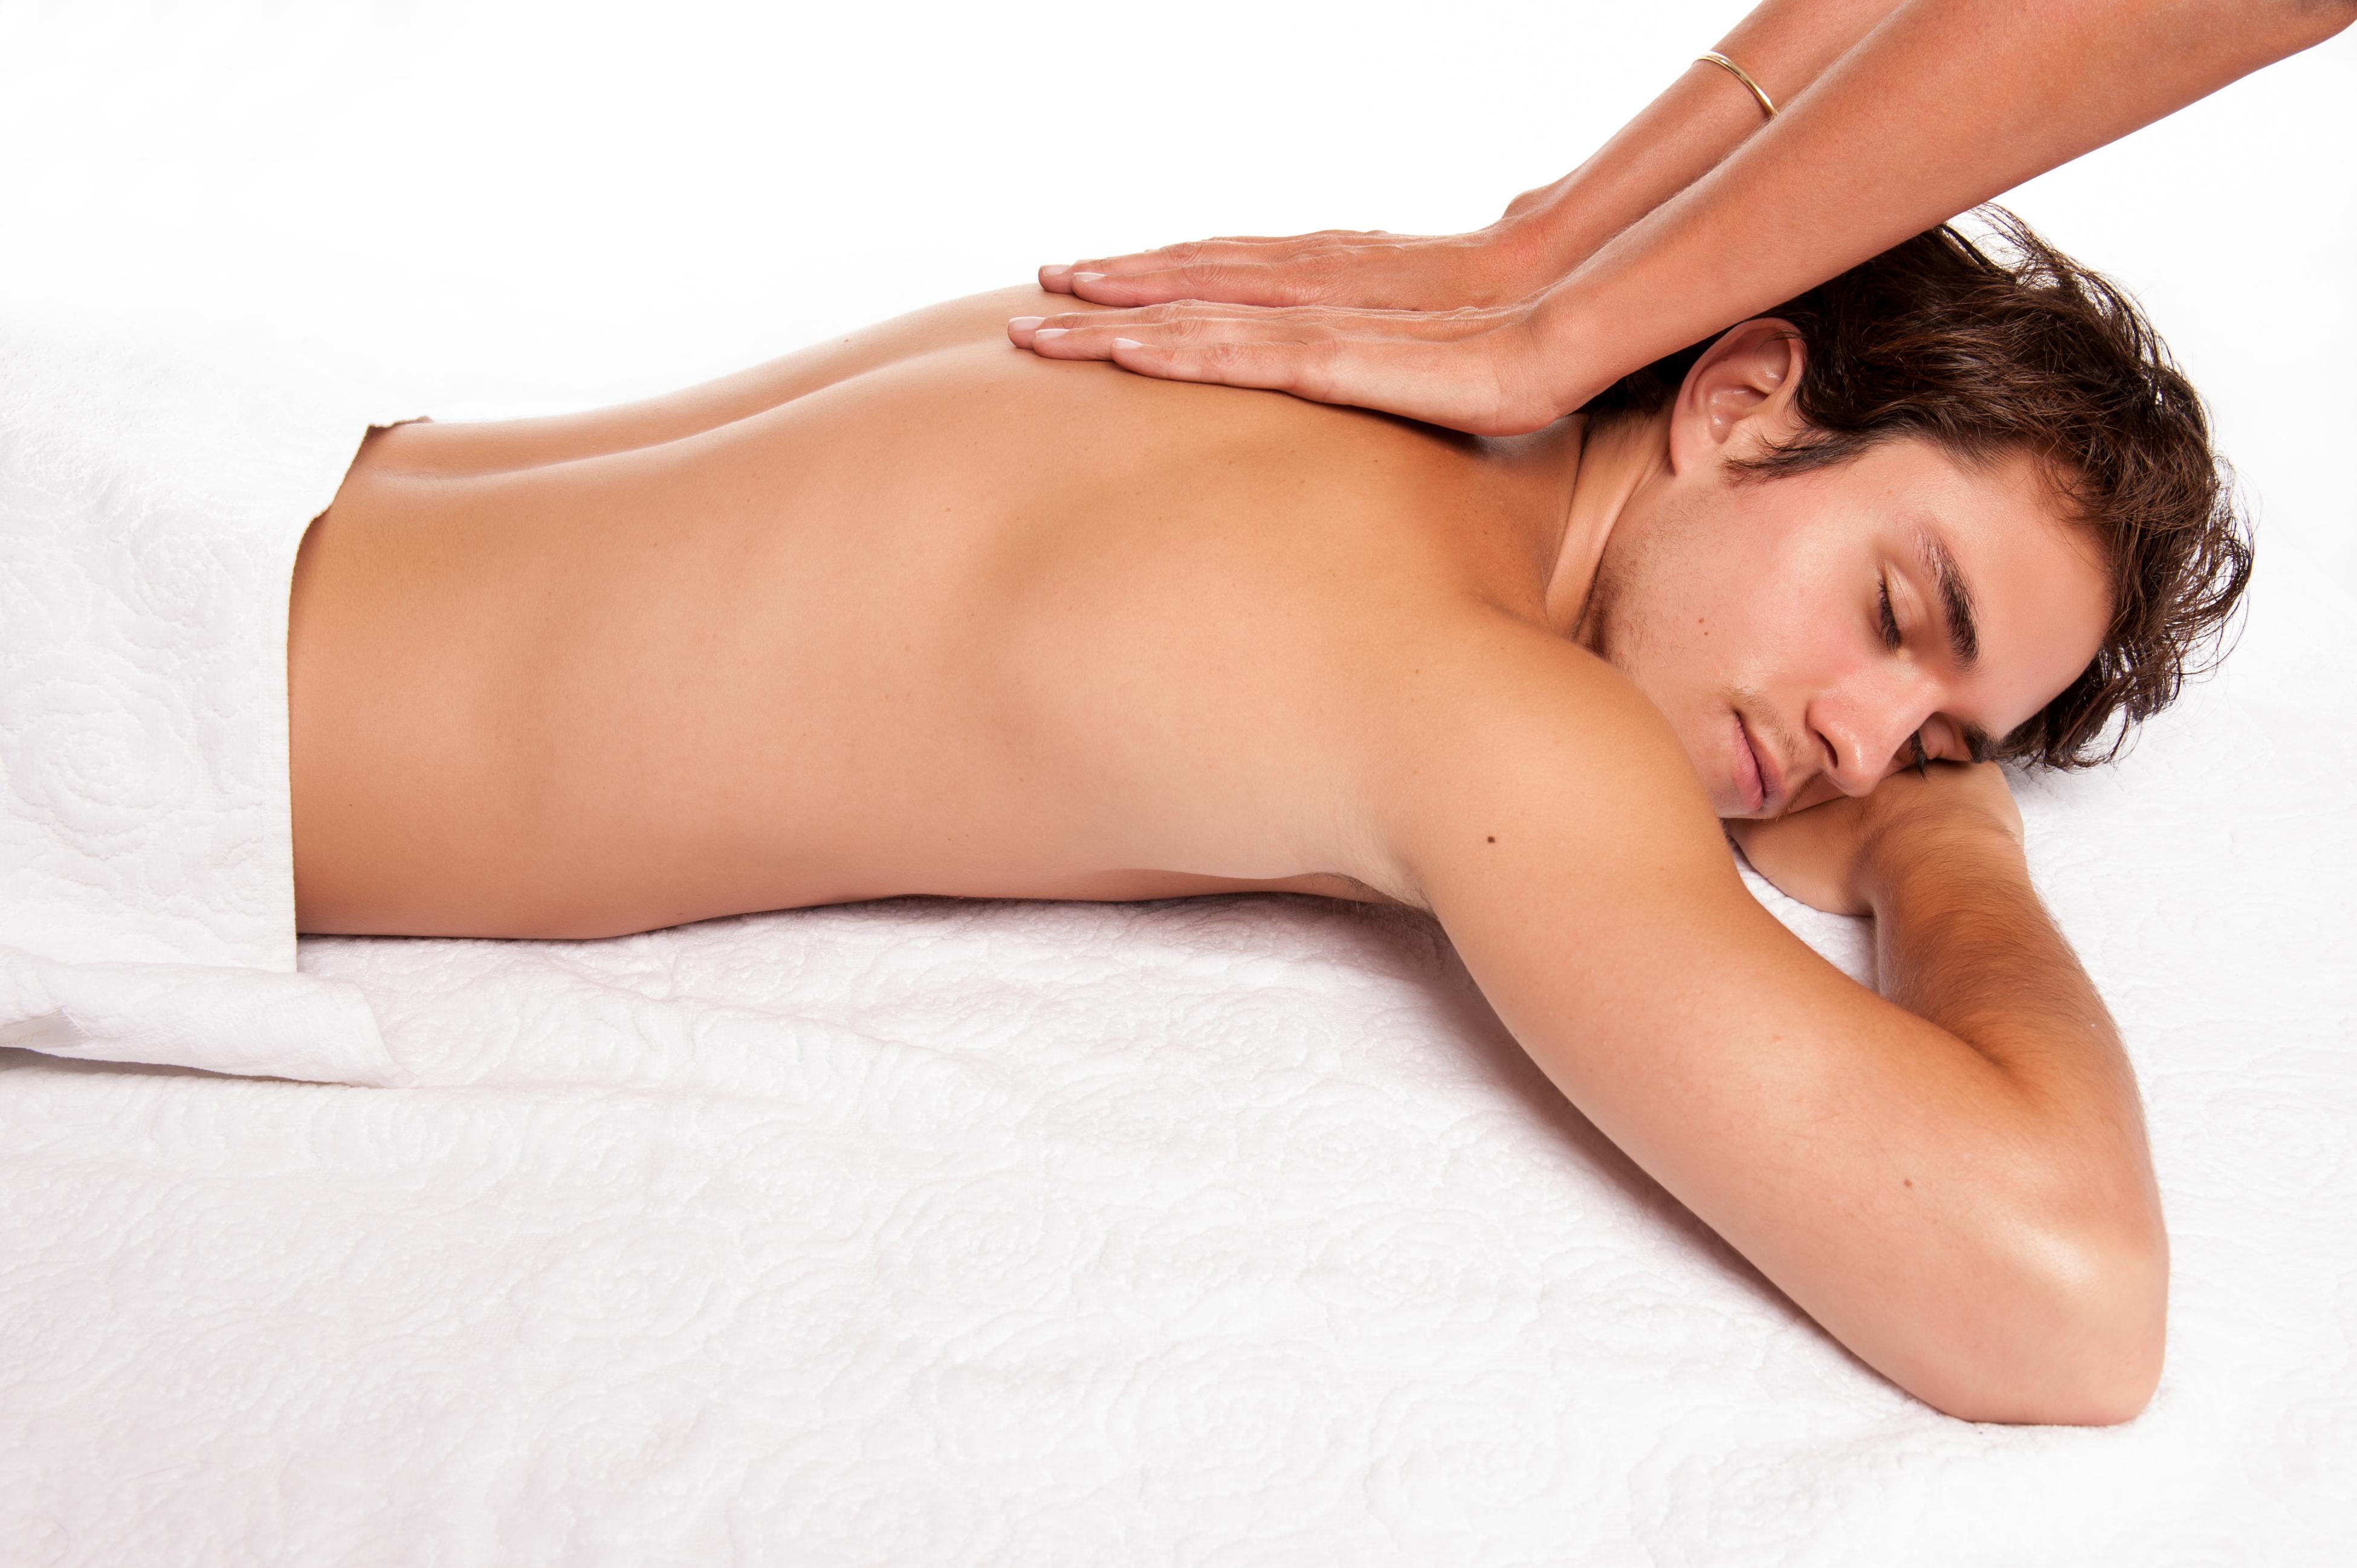 vrouwen zoeken sex contact body to body massage almere